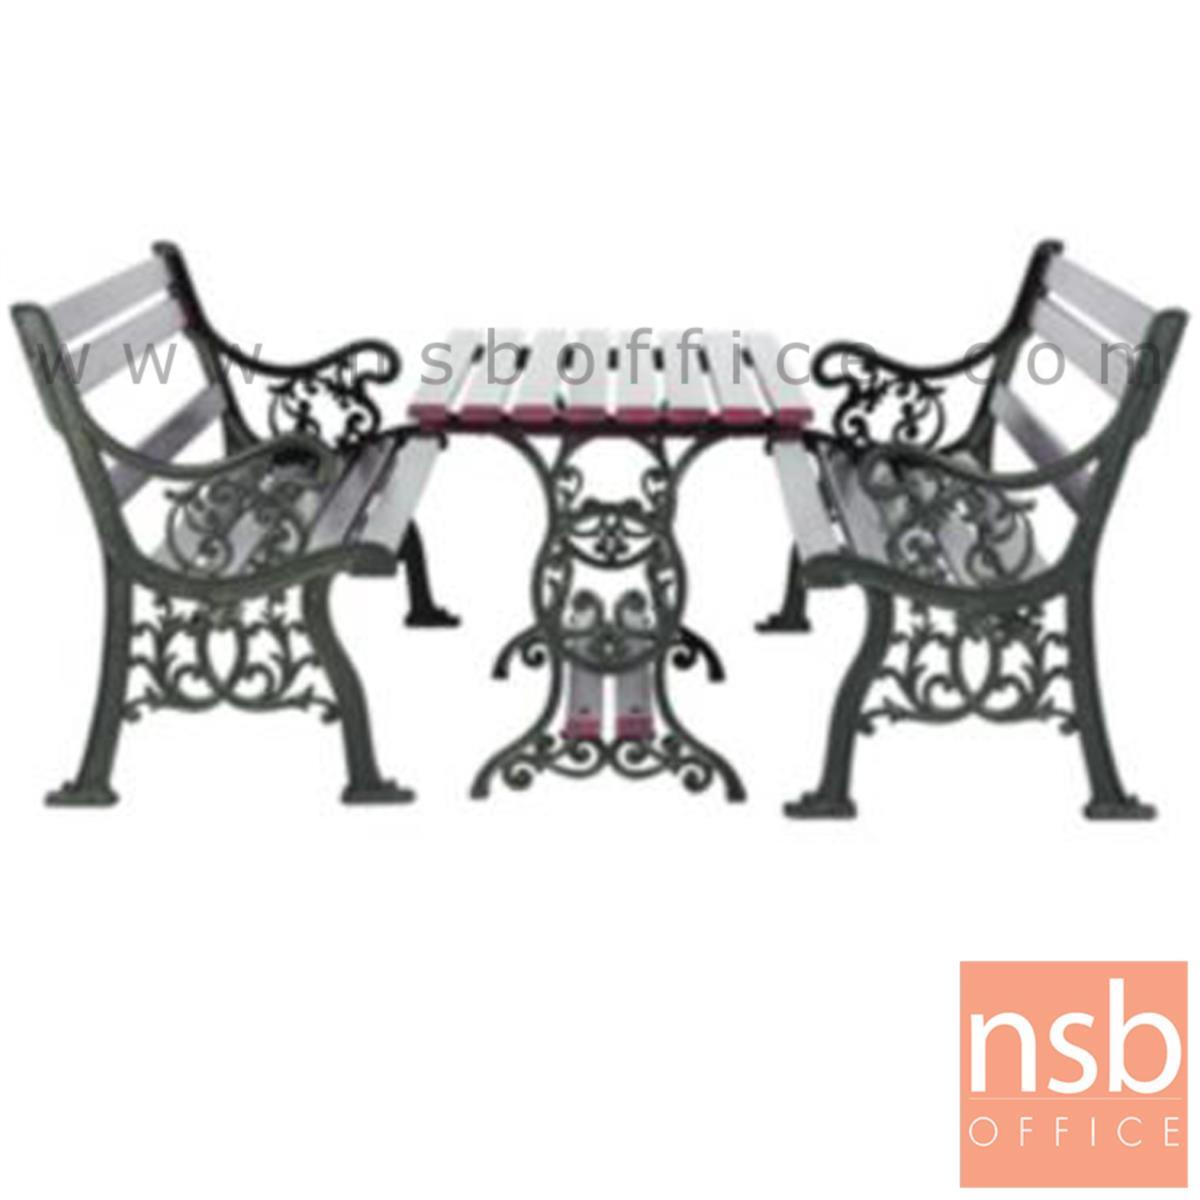 G08A043:ชุดโต๊ะสนาม พร้อมเก้าอี้ กทม. BKK-COT31 (โต๊ะ 1 + เก้าอี้ 2)